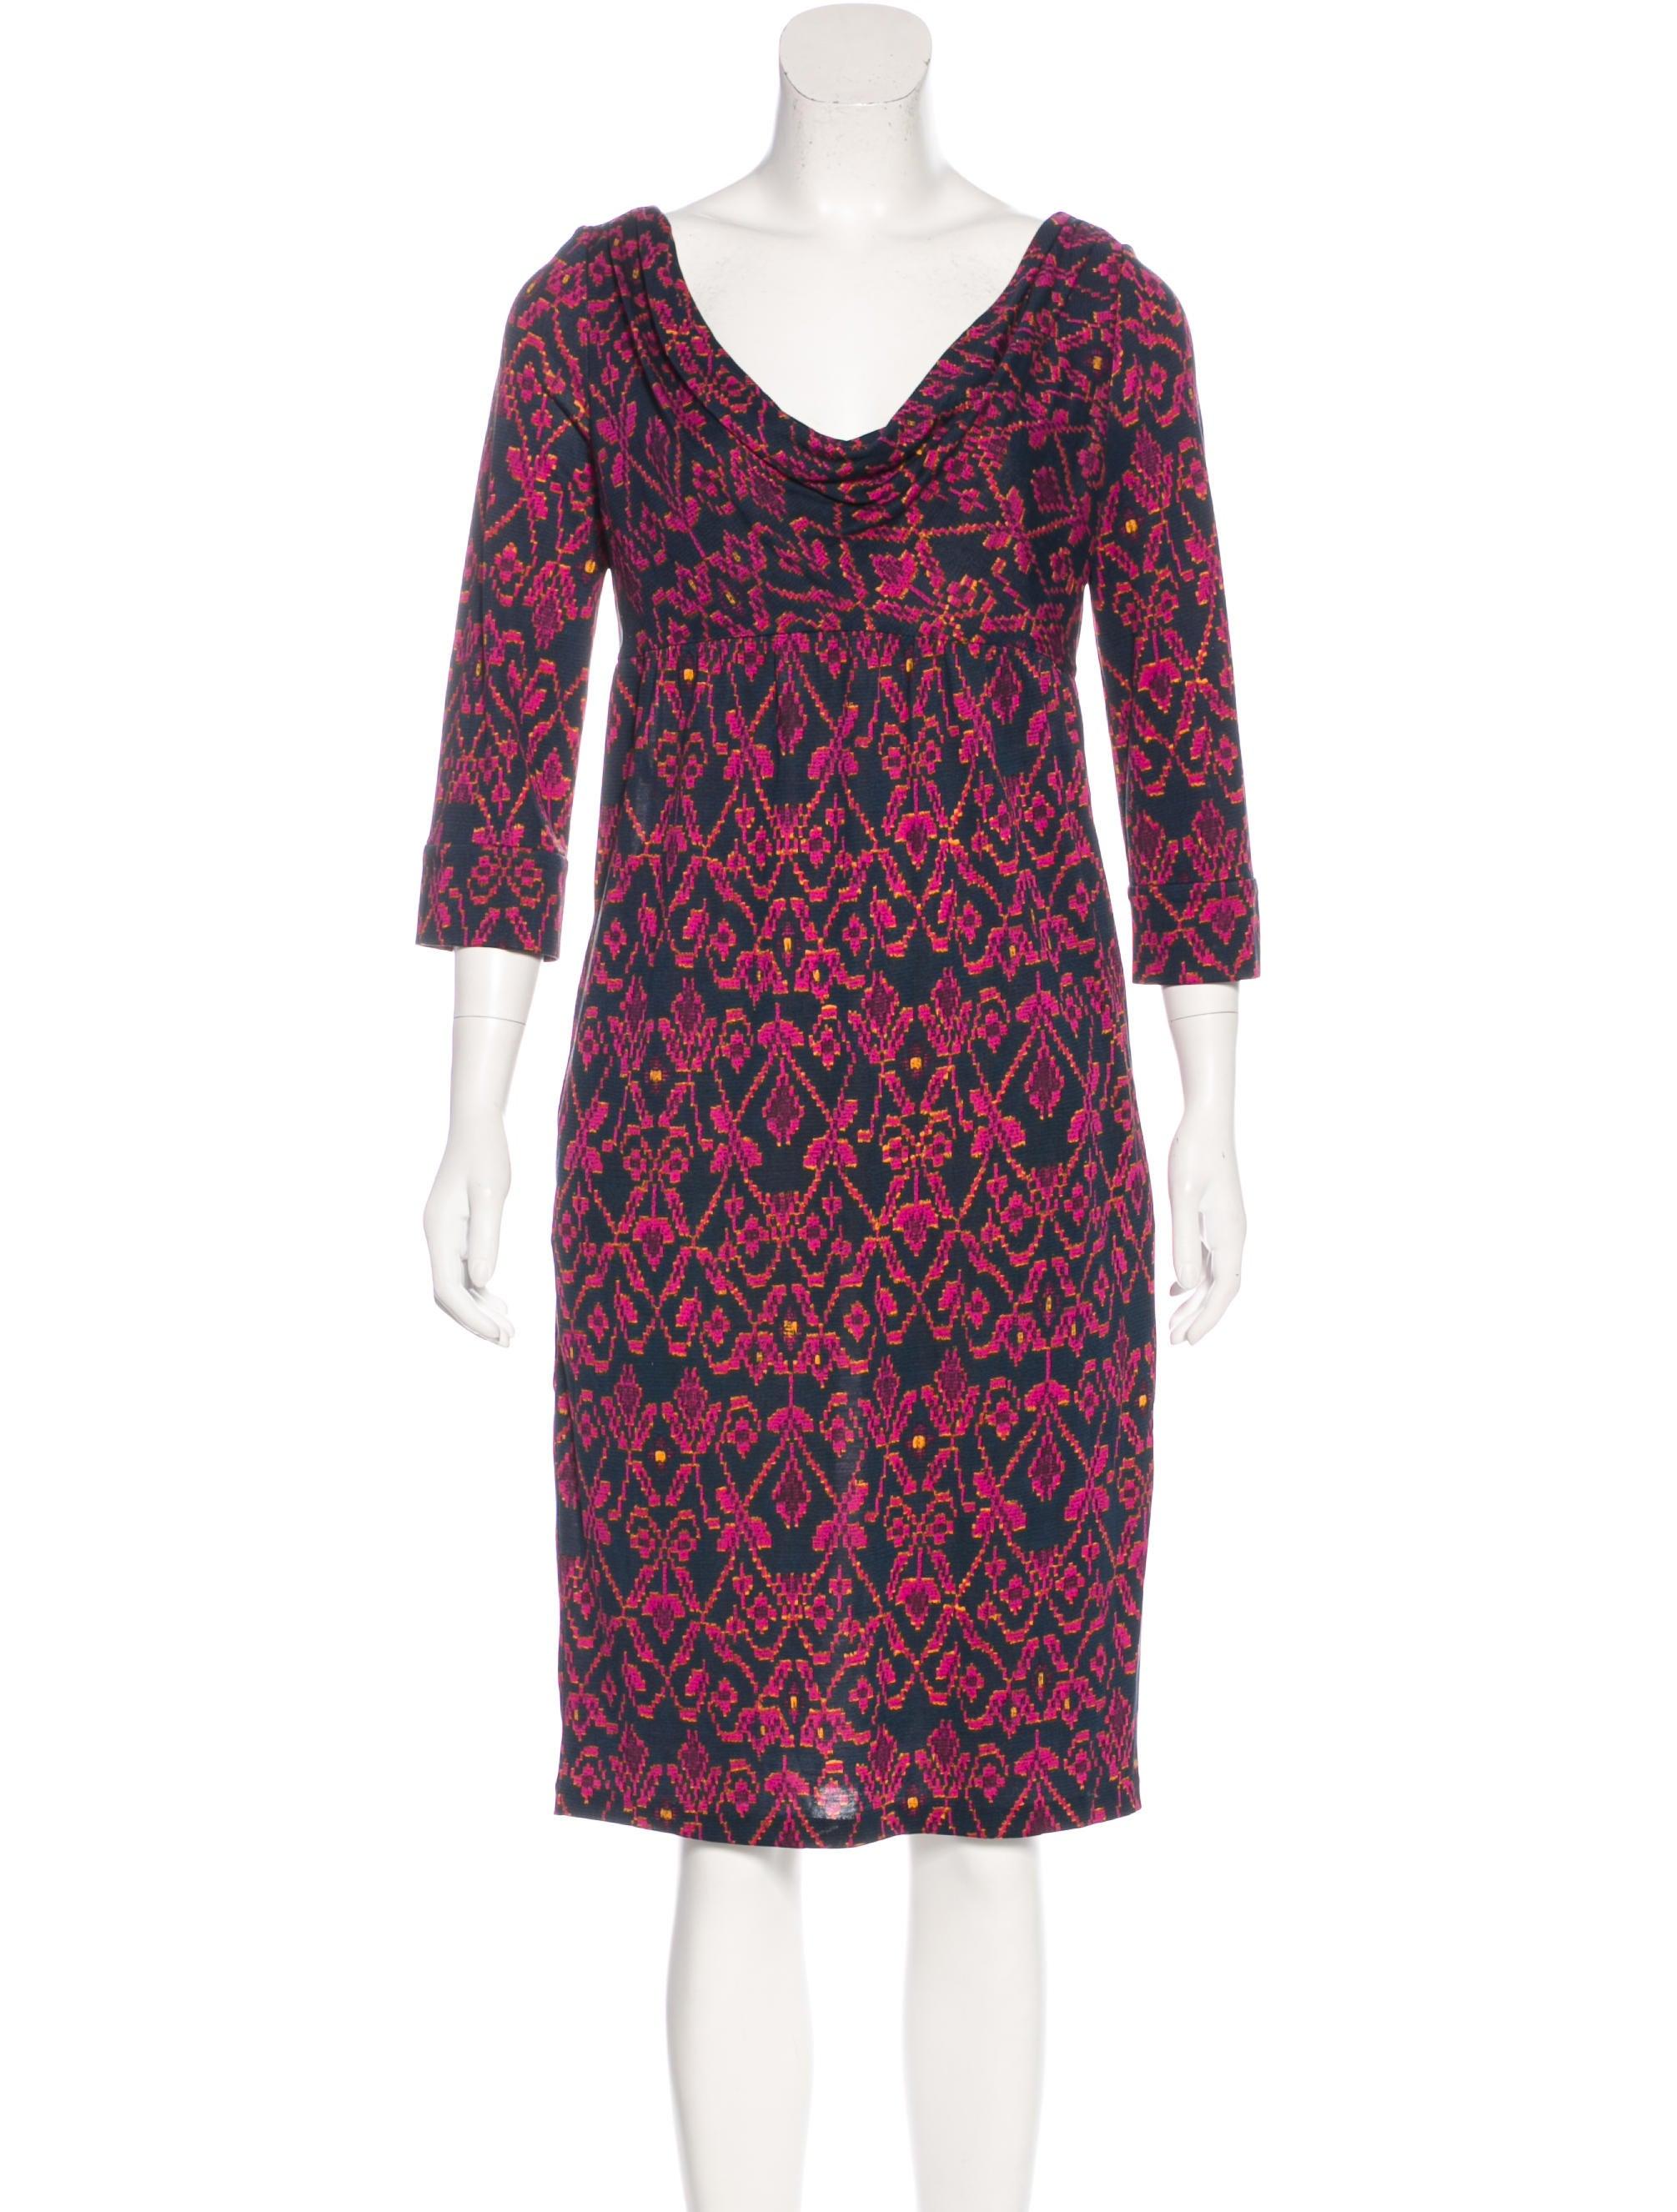 Diane von furstenberg silk jersey knee length dress for Diane von furstenberg shirt